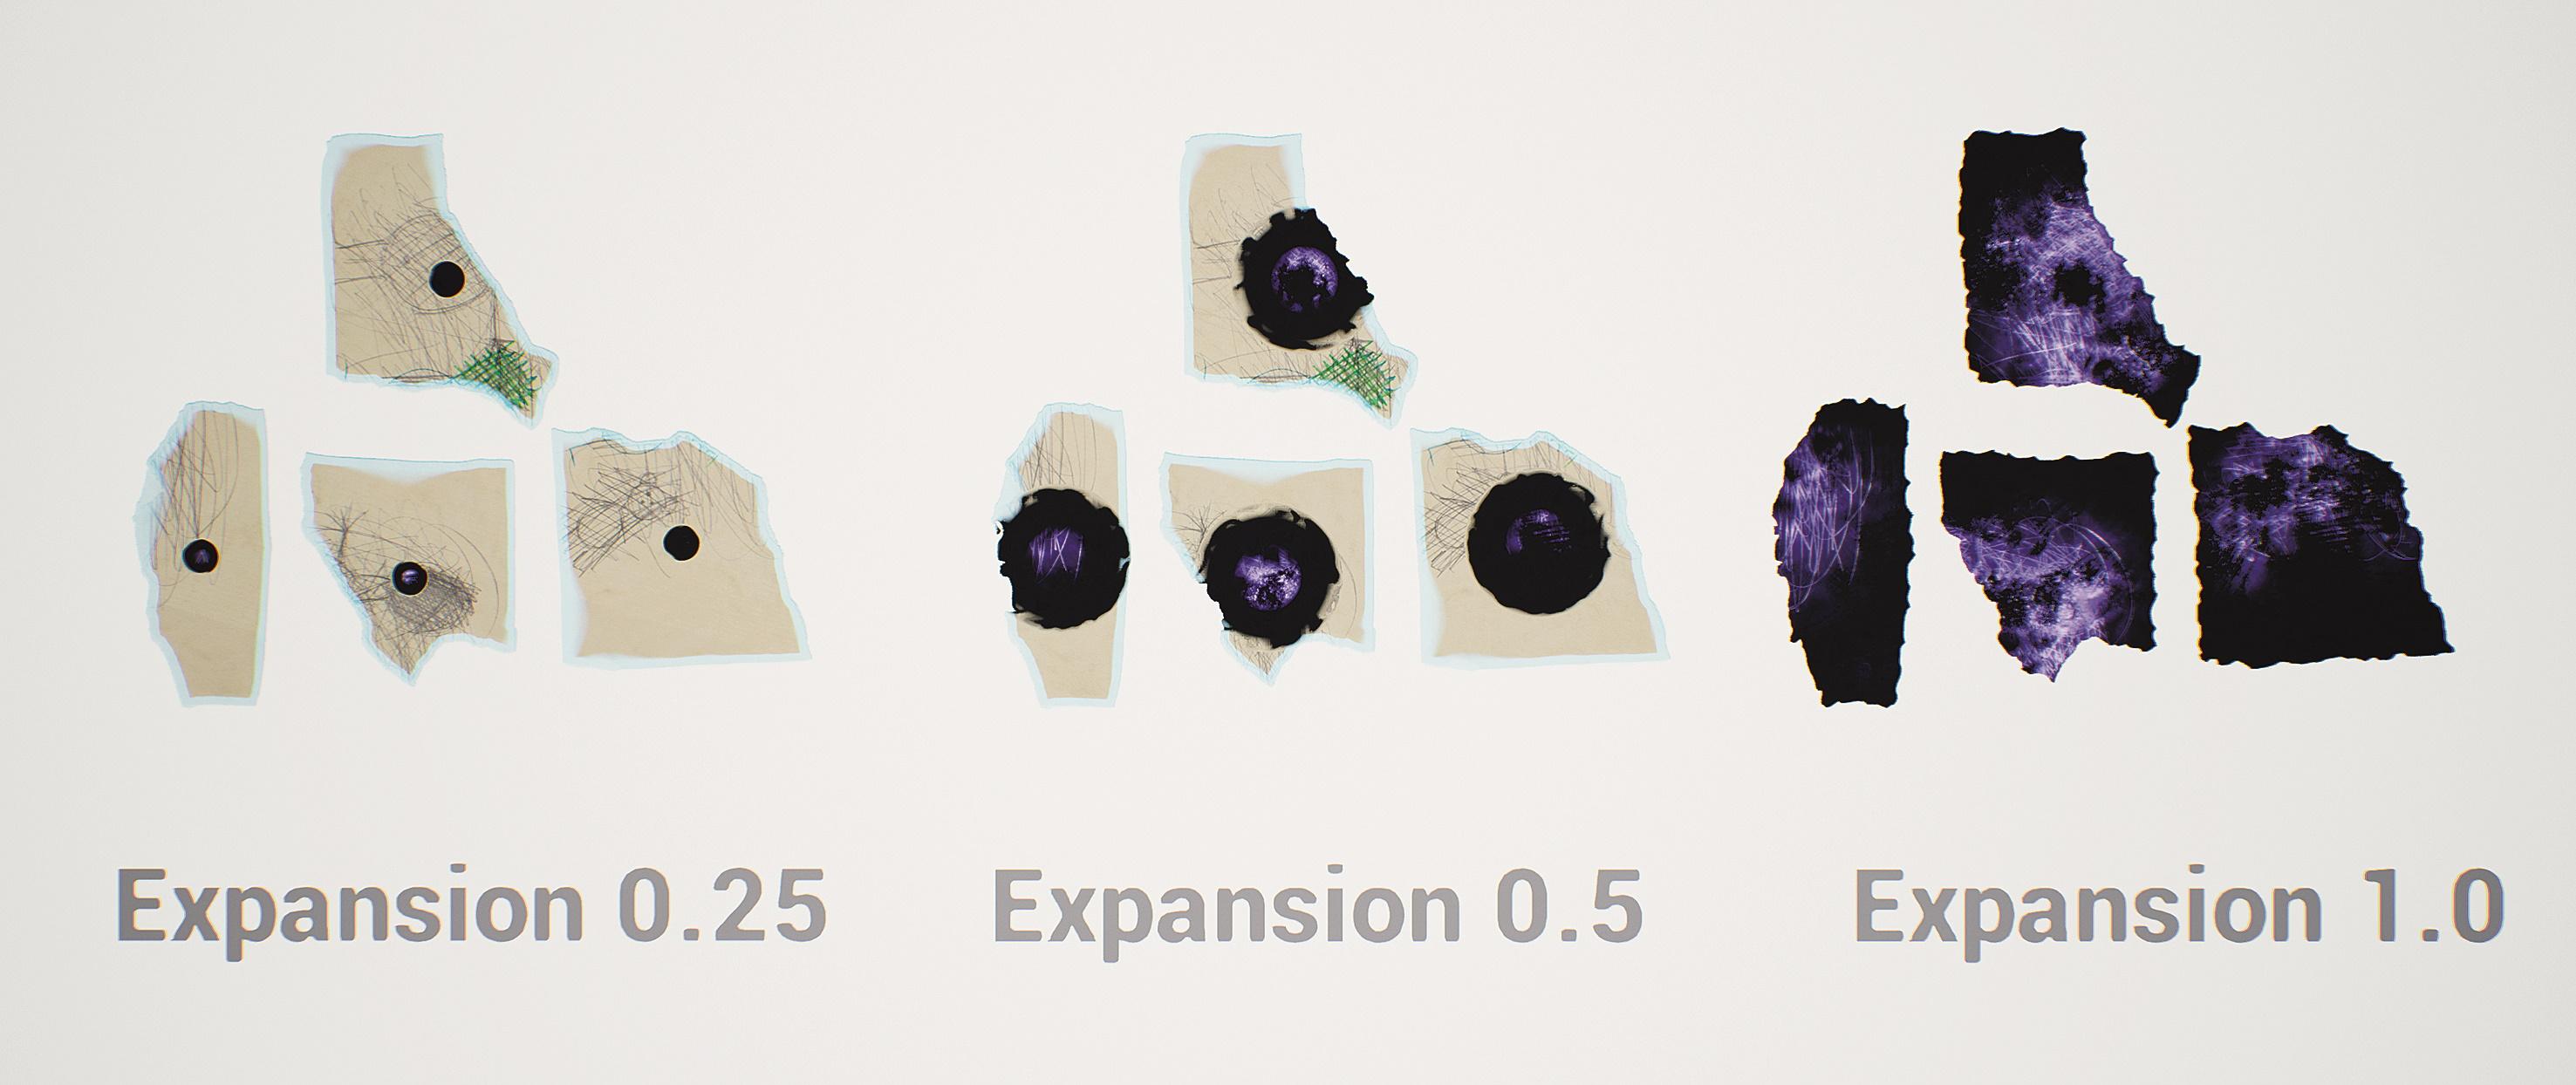 Abb. 15: Darkness Expansion – Neben Objekt-Materialien kann der Material Editor auch dazu verwendet werden, Lichtfunktionen, Post-Processing-Effekte und Decals zu erstellen. All diese Materialtypen nutzen denselben Editor und identische Nodes.